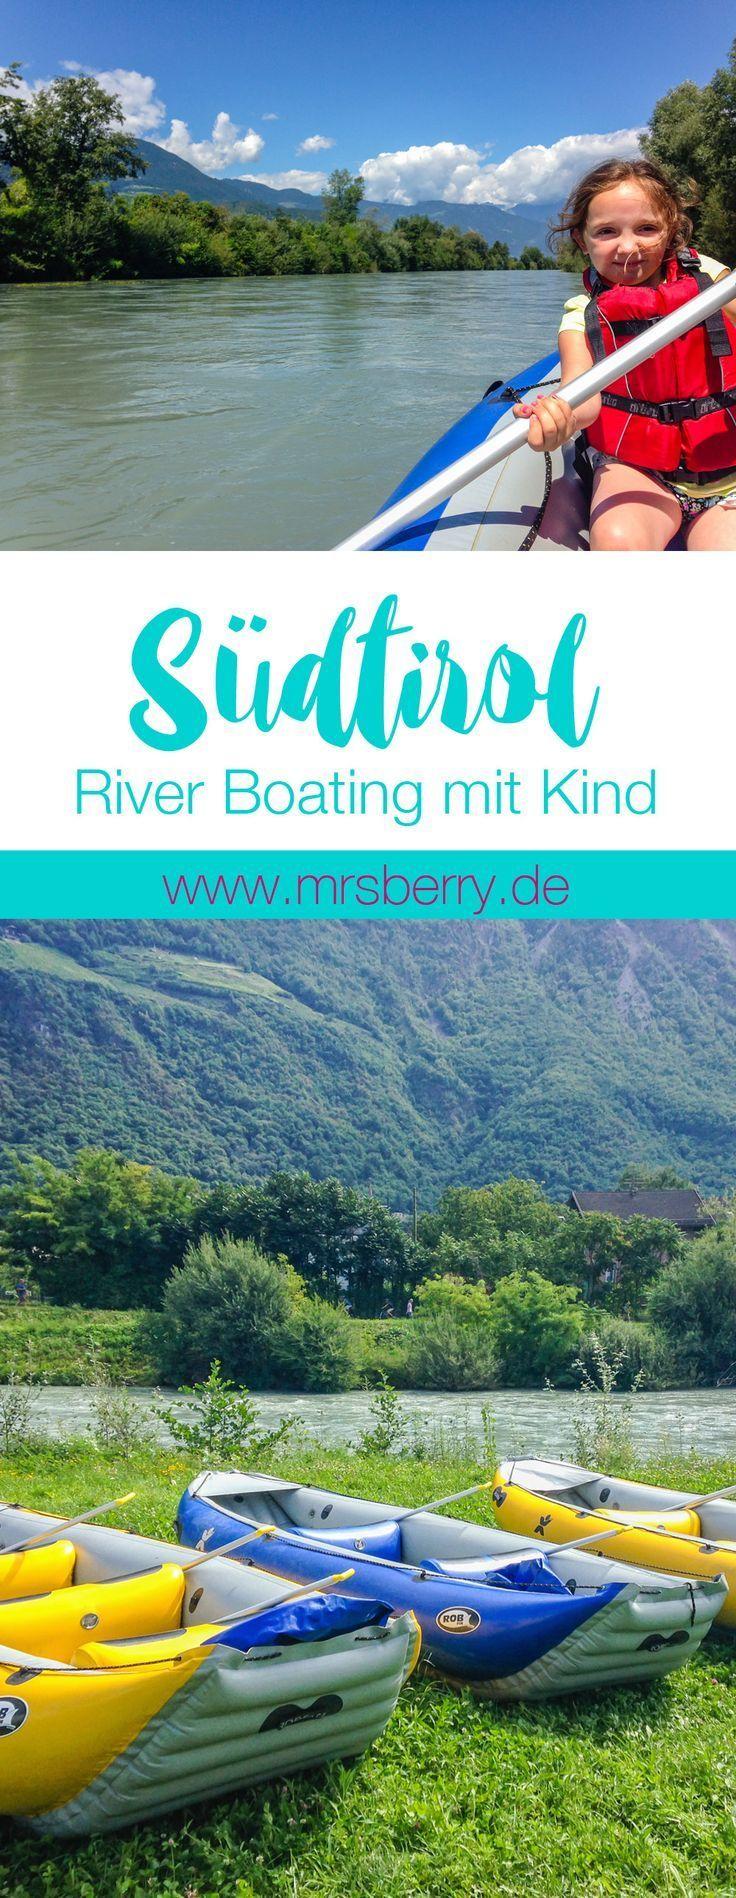 Südtirol mit Kind | River Boating auf der Etsch | MrsBerry Familien- & Reiseblog http://mrsberry.de